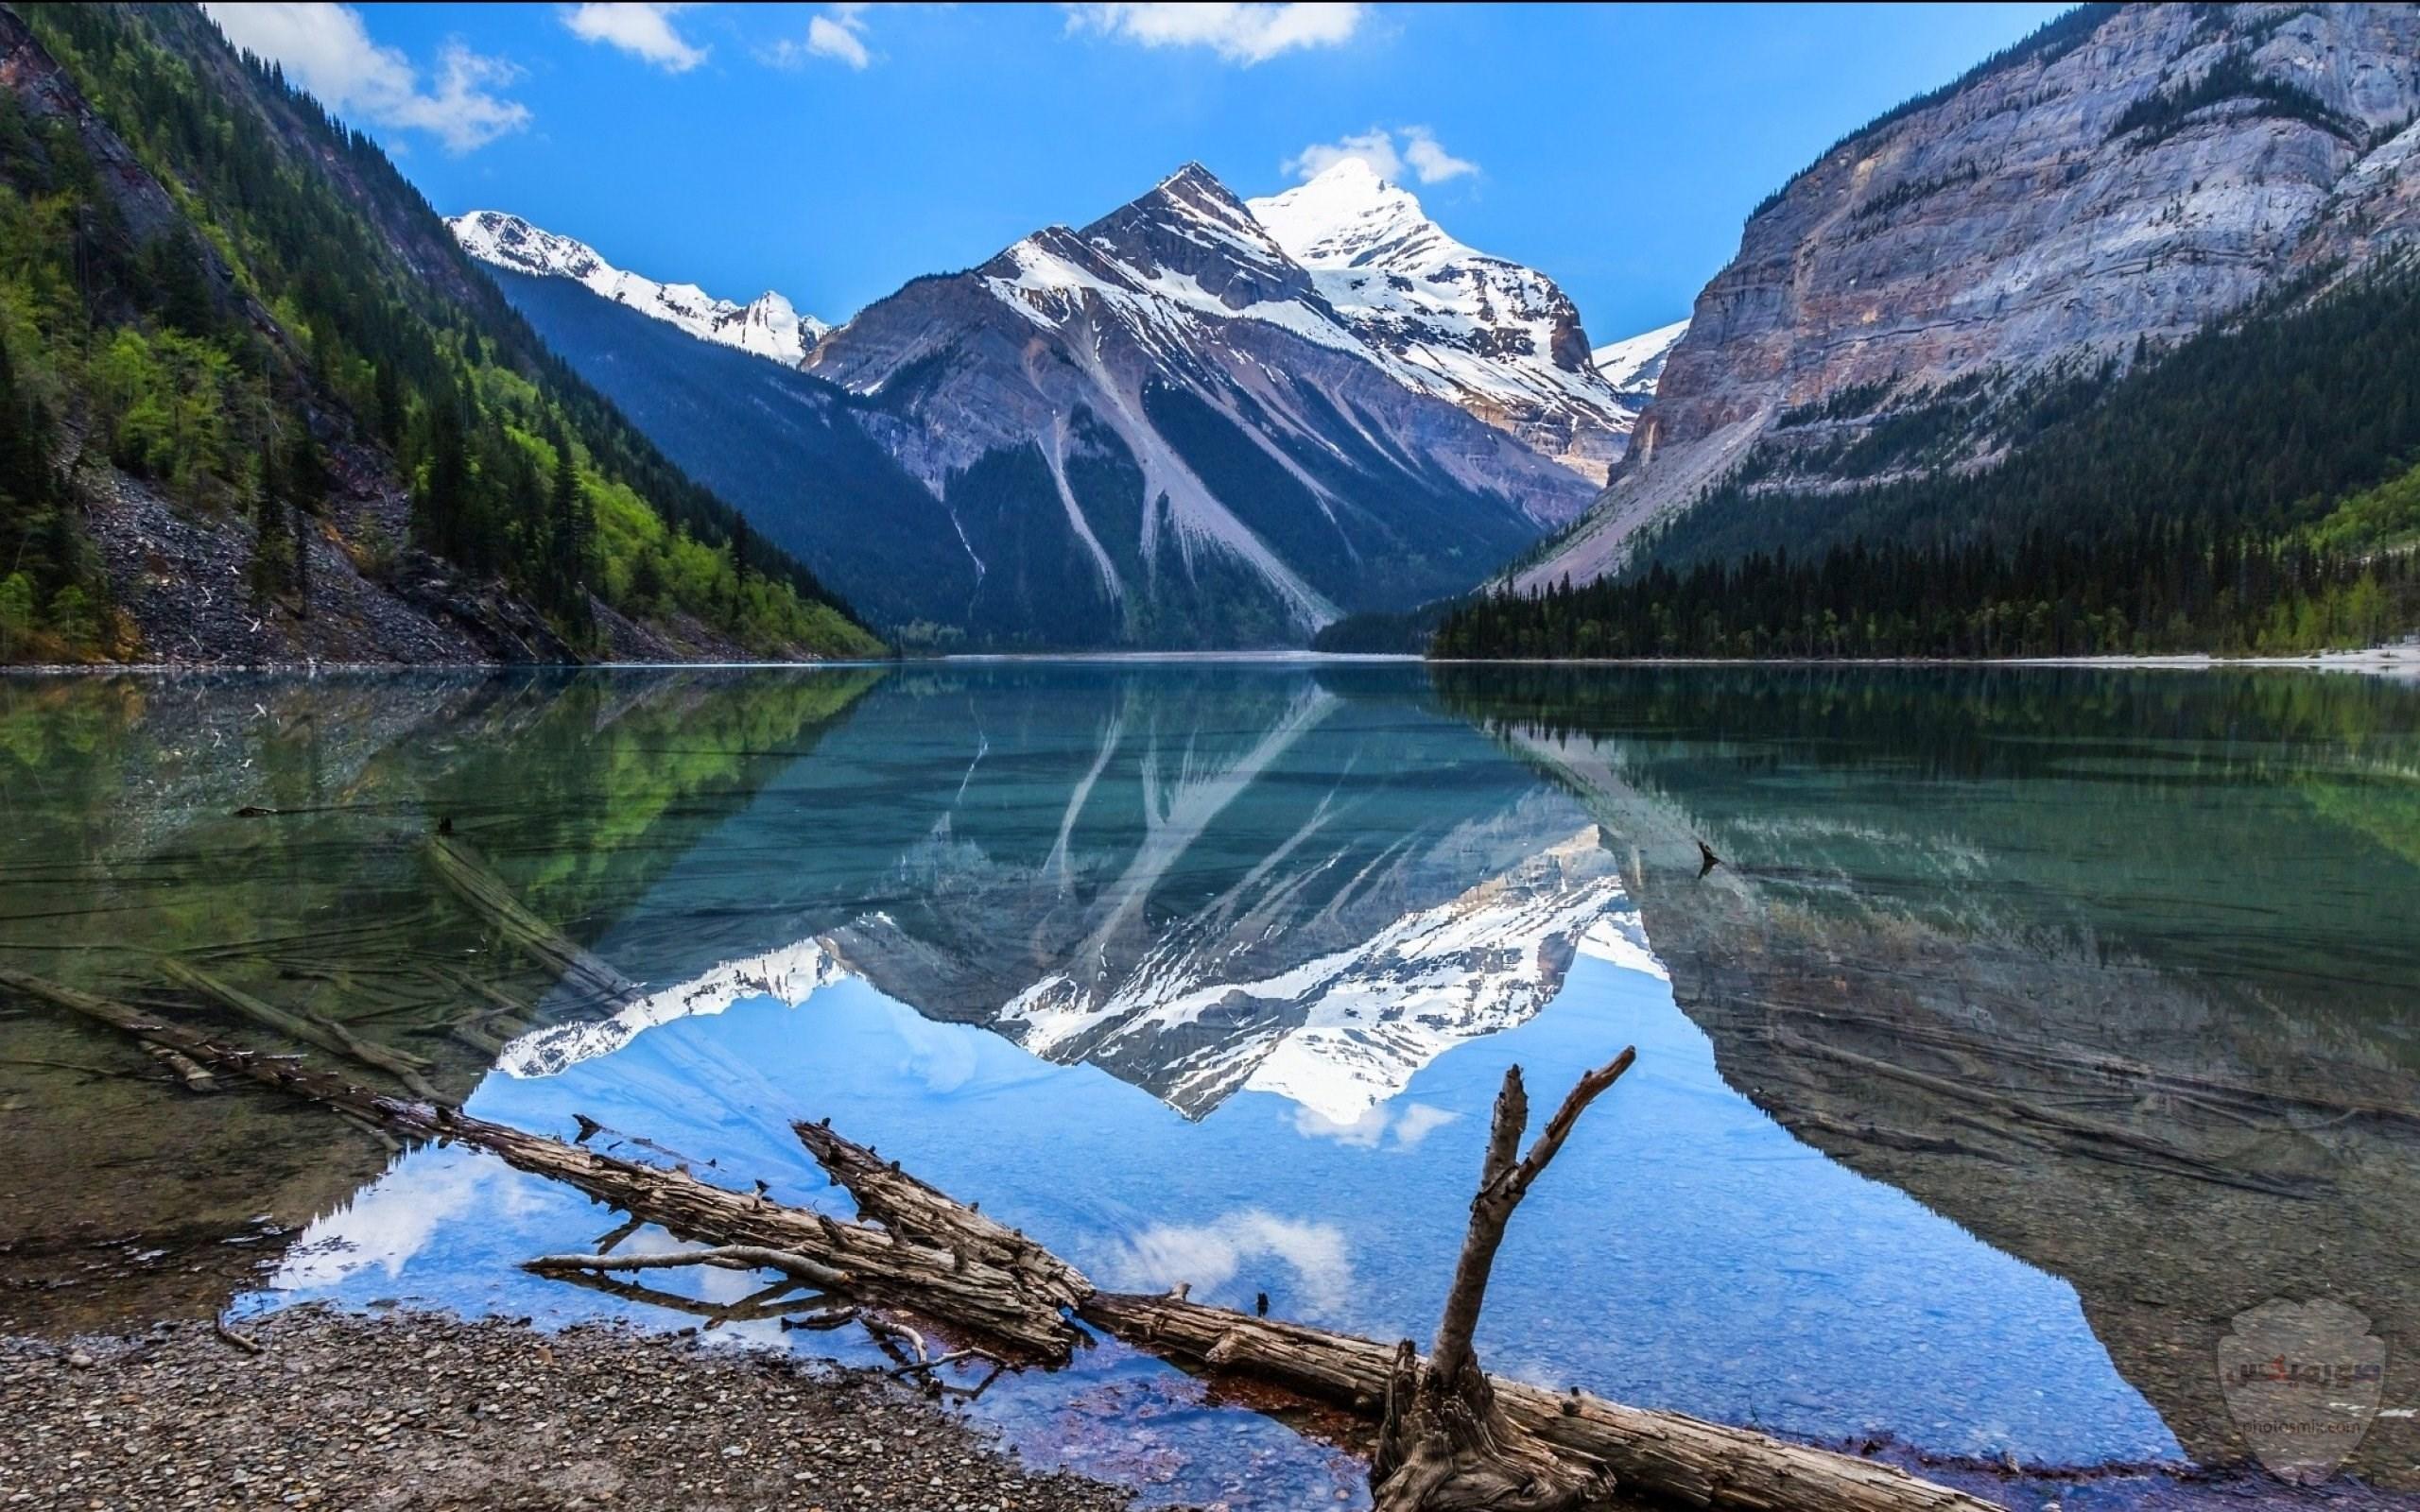 صور وخلفيات جبال وشلالات طبيعية HD خلفيات جبال خضراء وثلجية 9